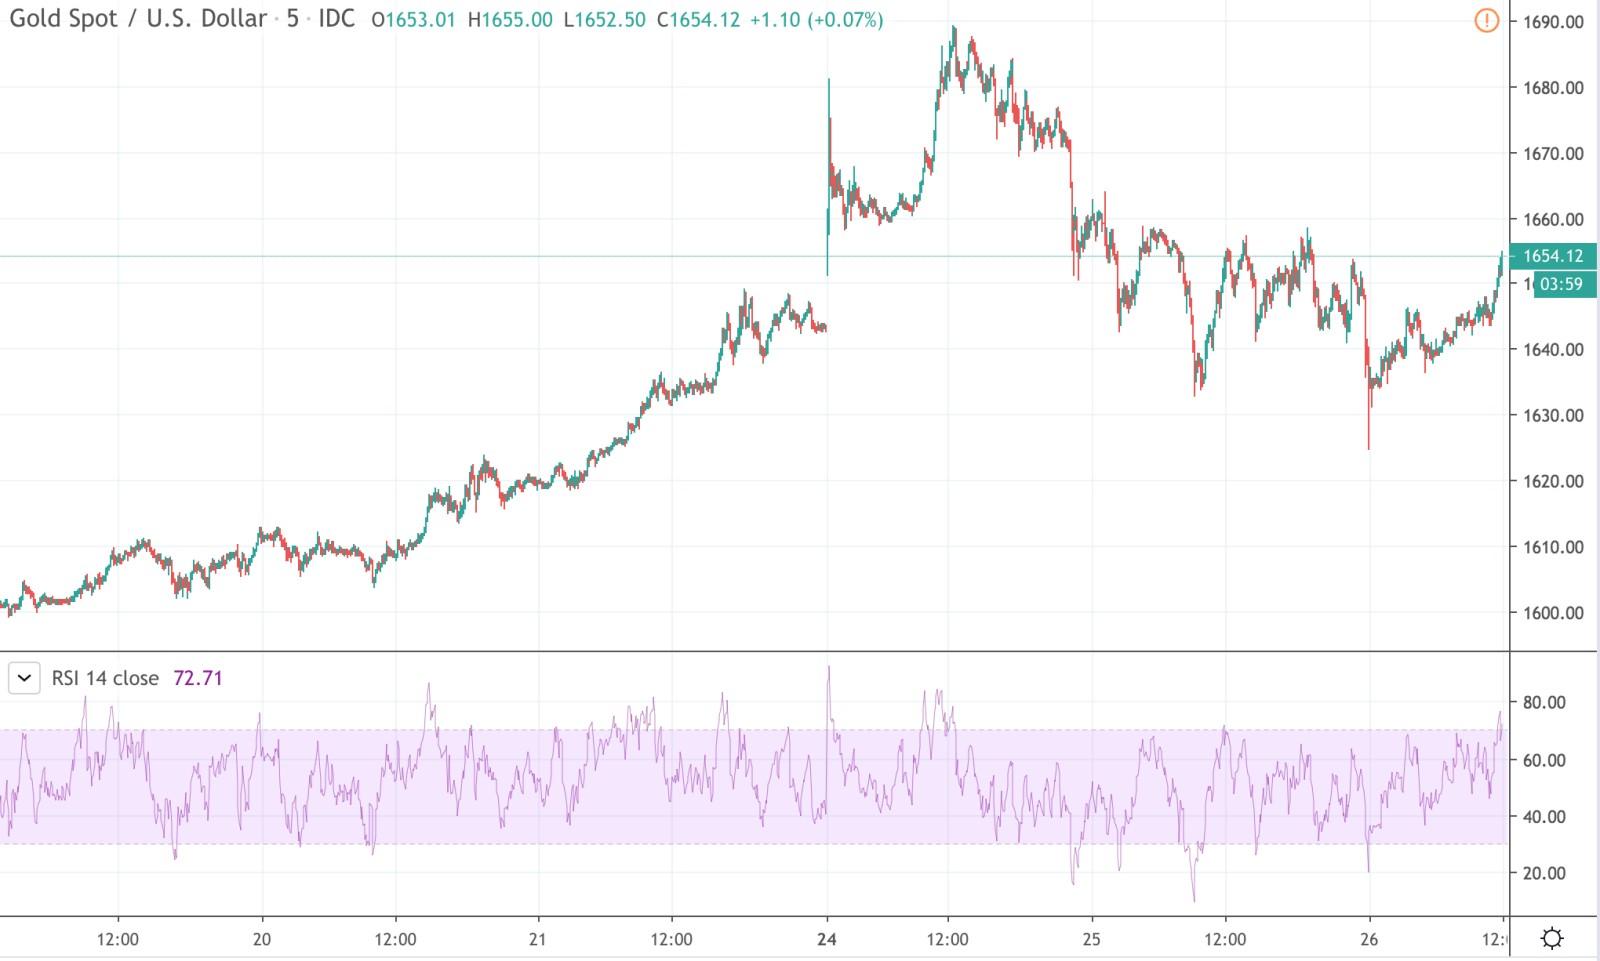 Паника и распродажи: золото бьёт рекорды — какой прогноз?